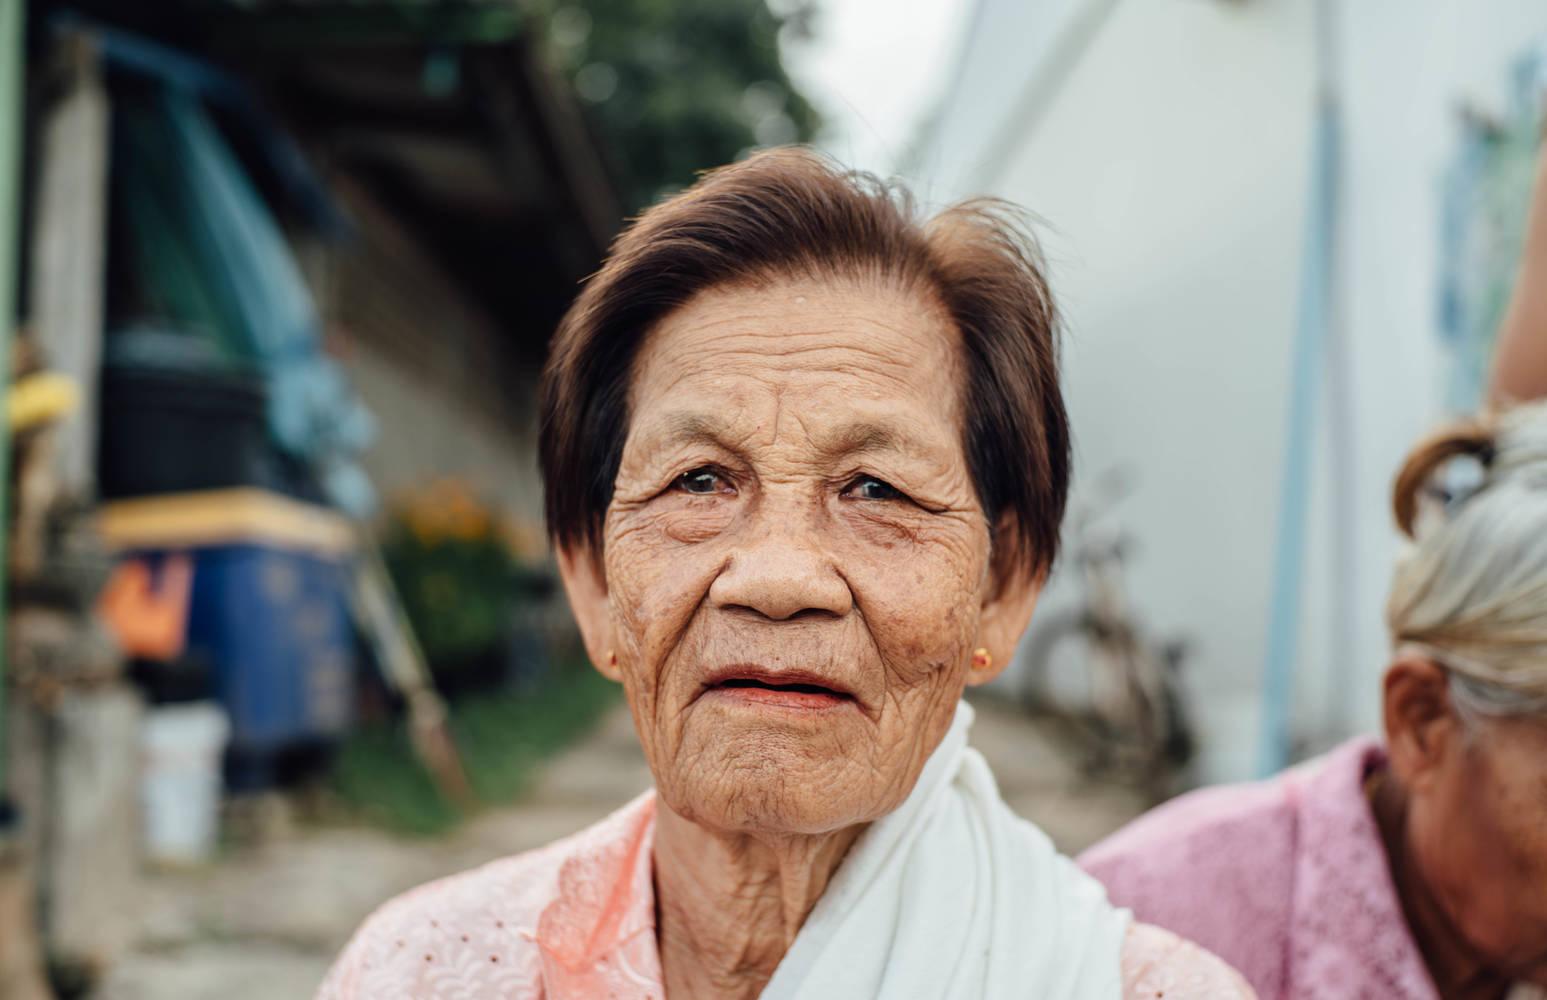 Elderly woman up close portrait